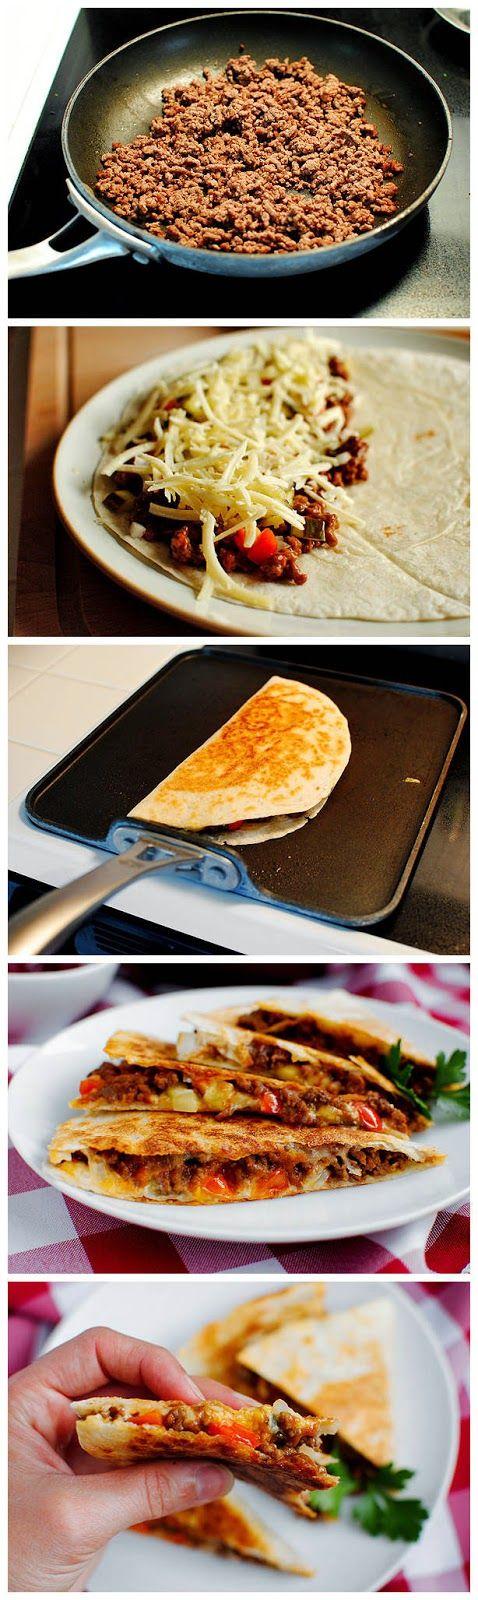 Cheeseburger Quesadillas - swap the bun for a No Preservatives Azteca tortilla in this creative and delicious recipe!